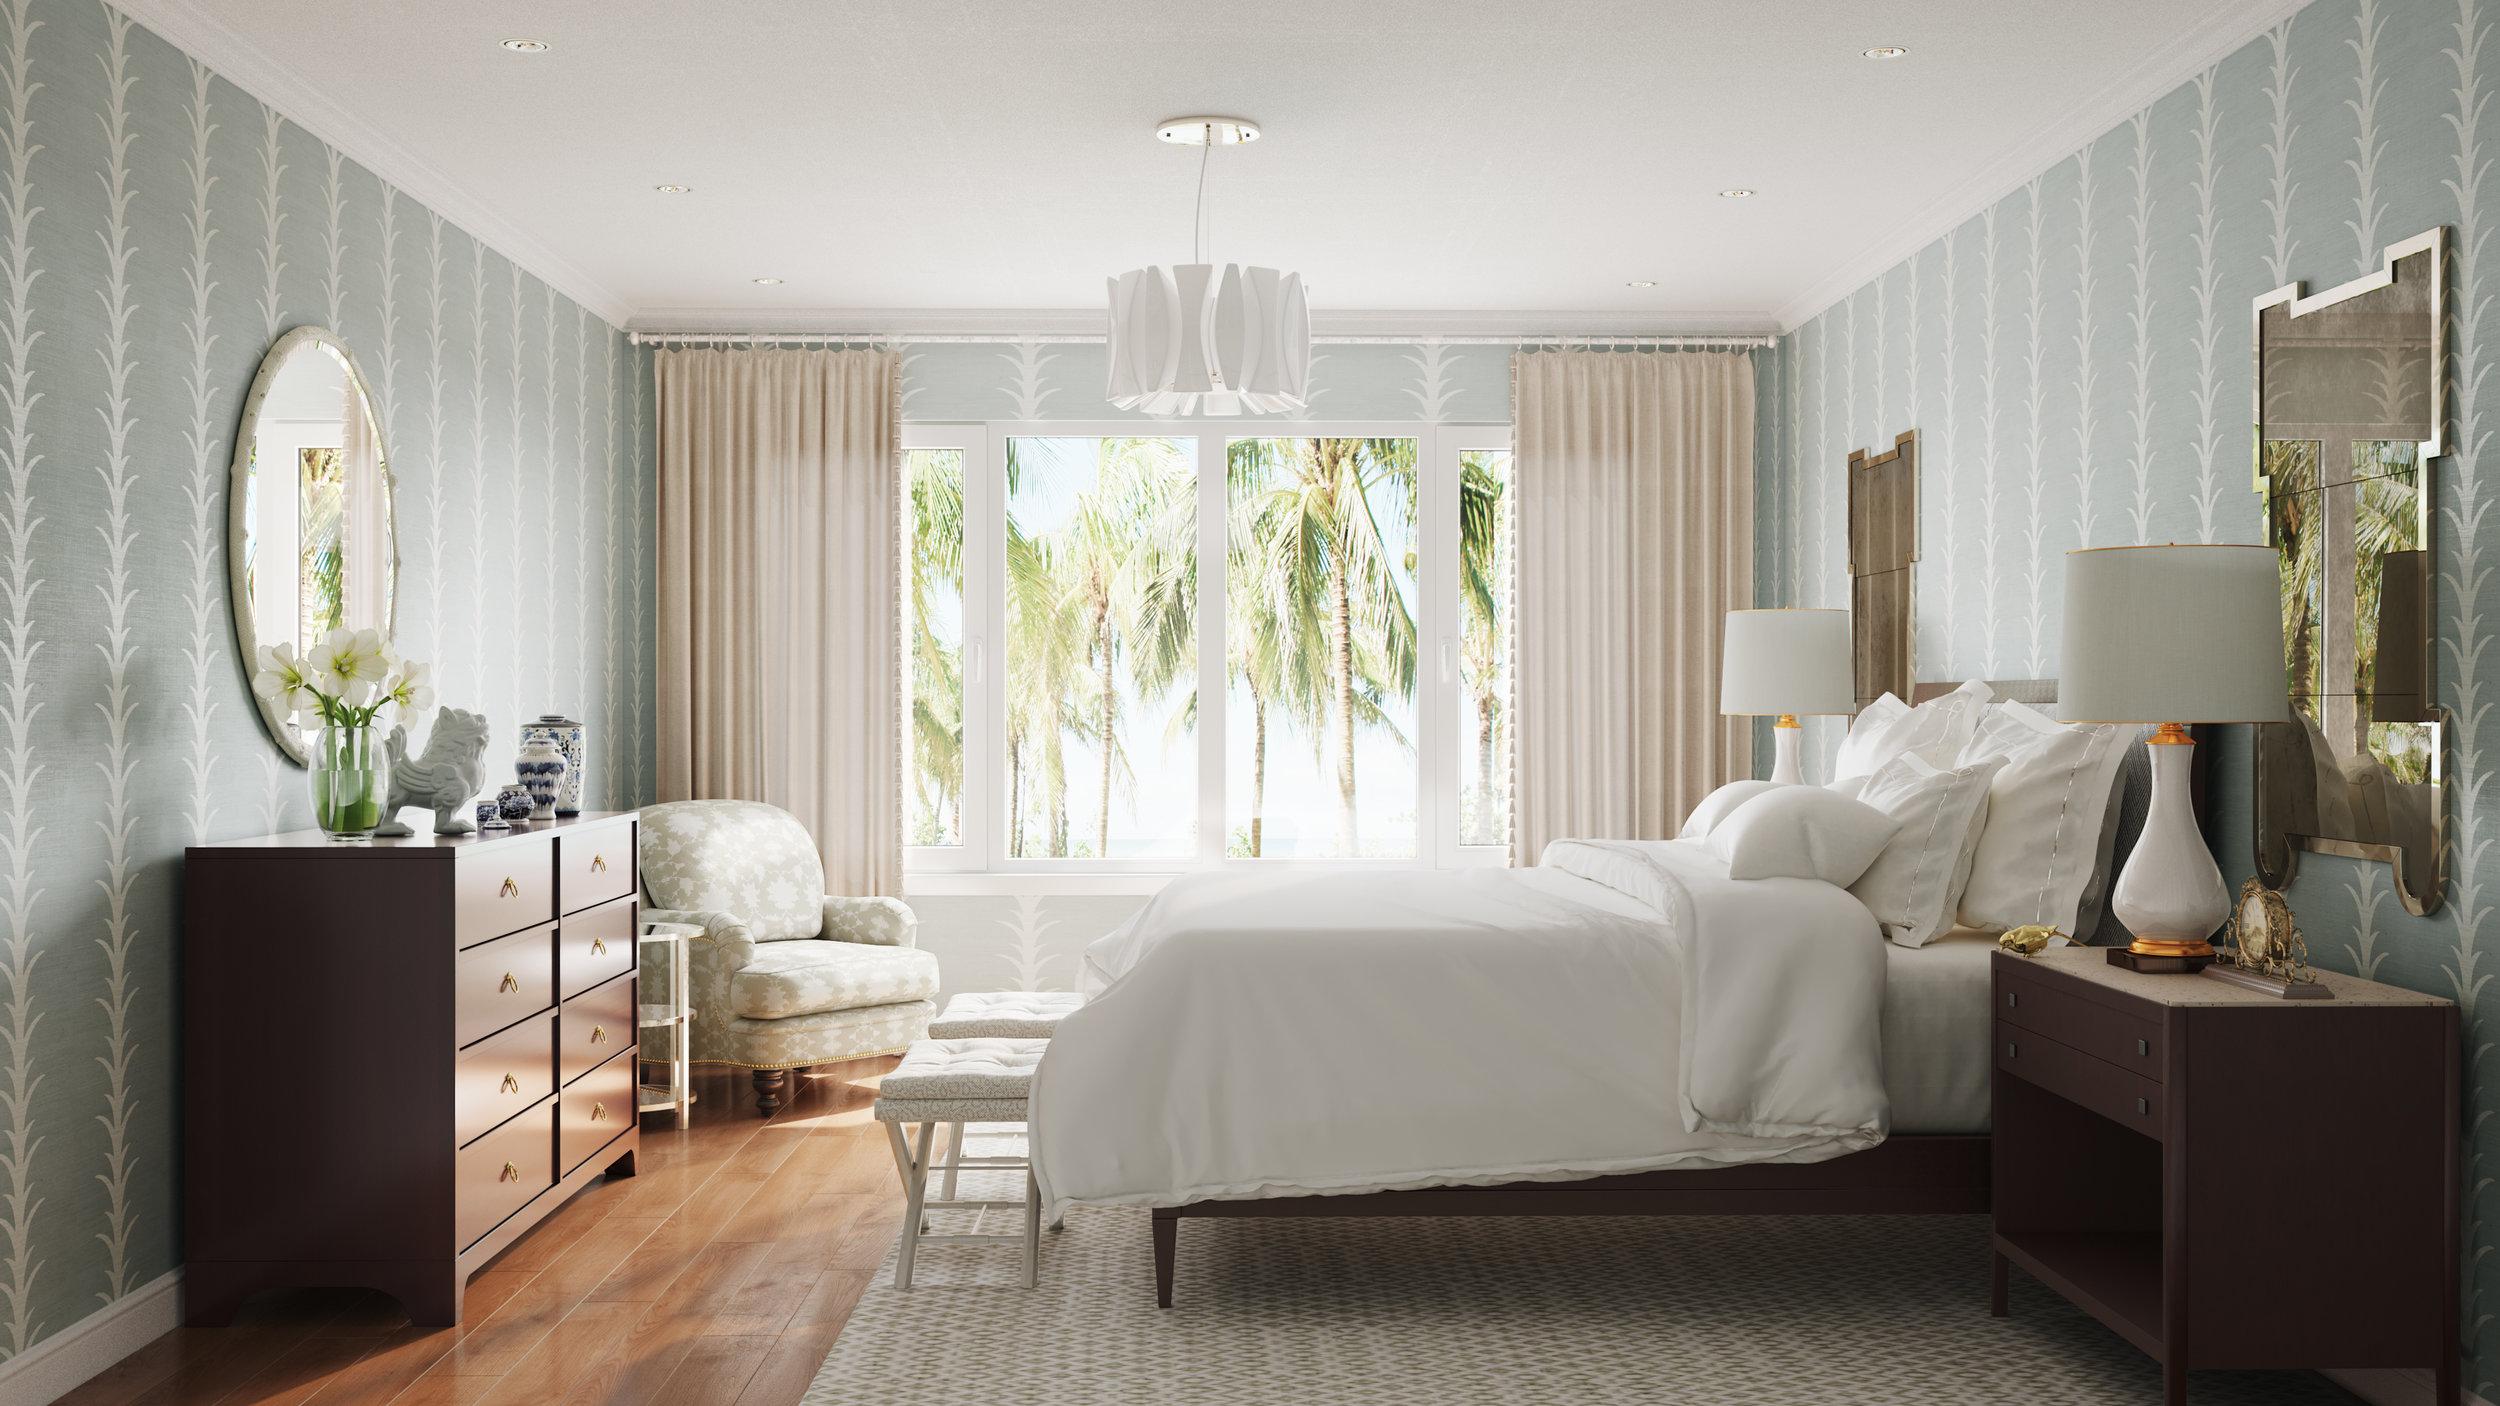 Finkbiner_Sanibel_Island_Home__Guest_Bedroom_112820_OB_v1_cam1.jpg